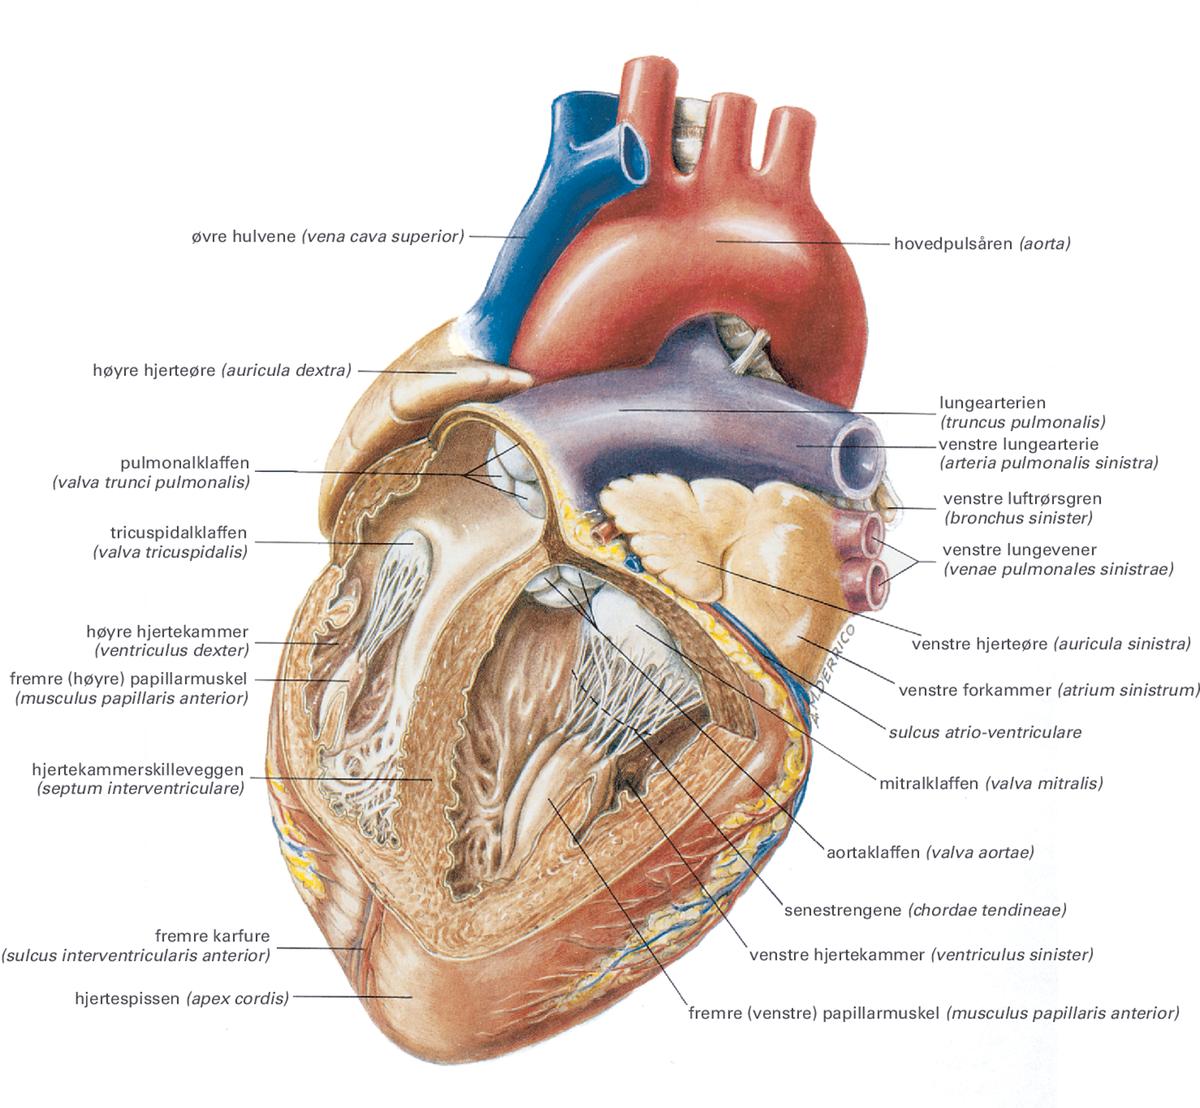 Hjerte På Latin